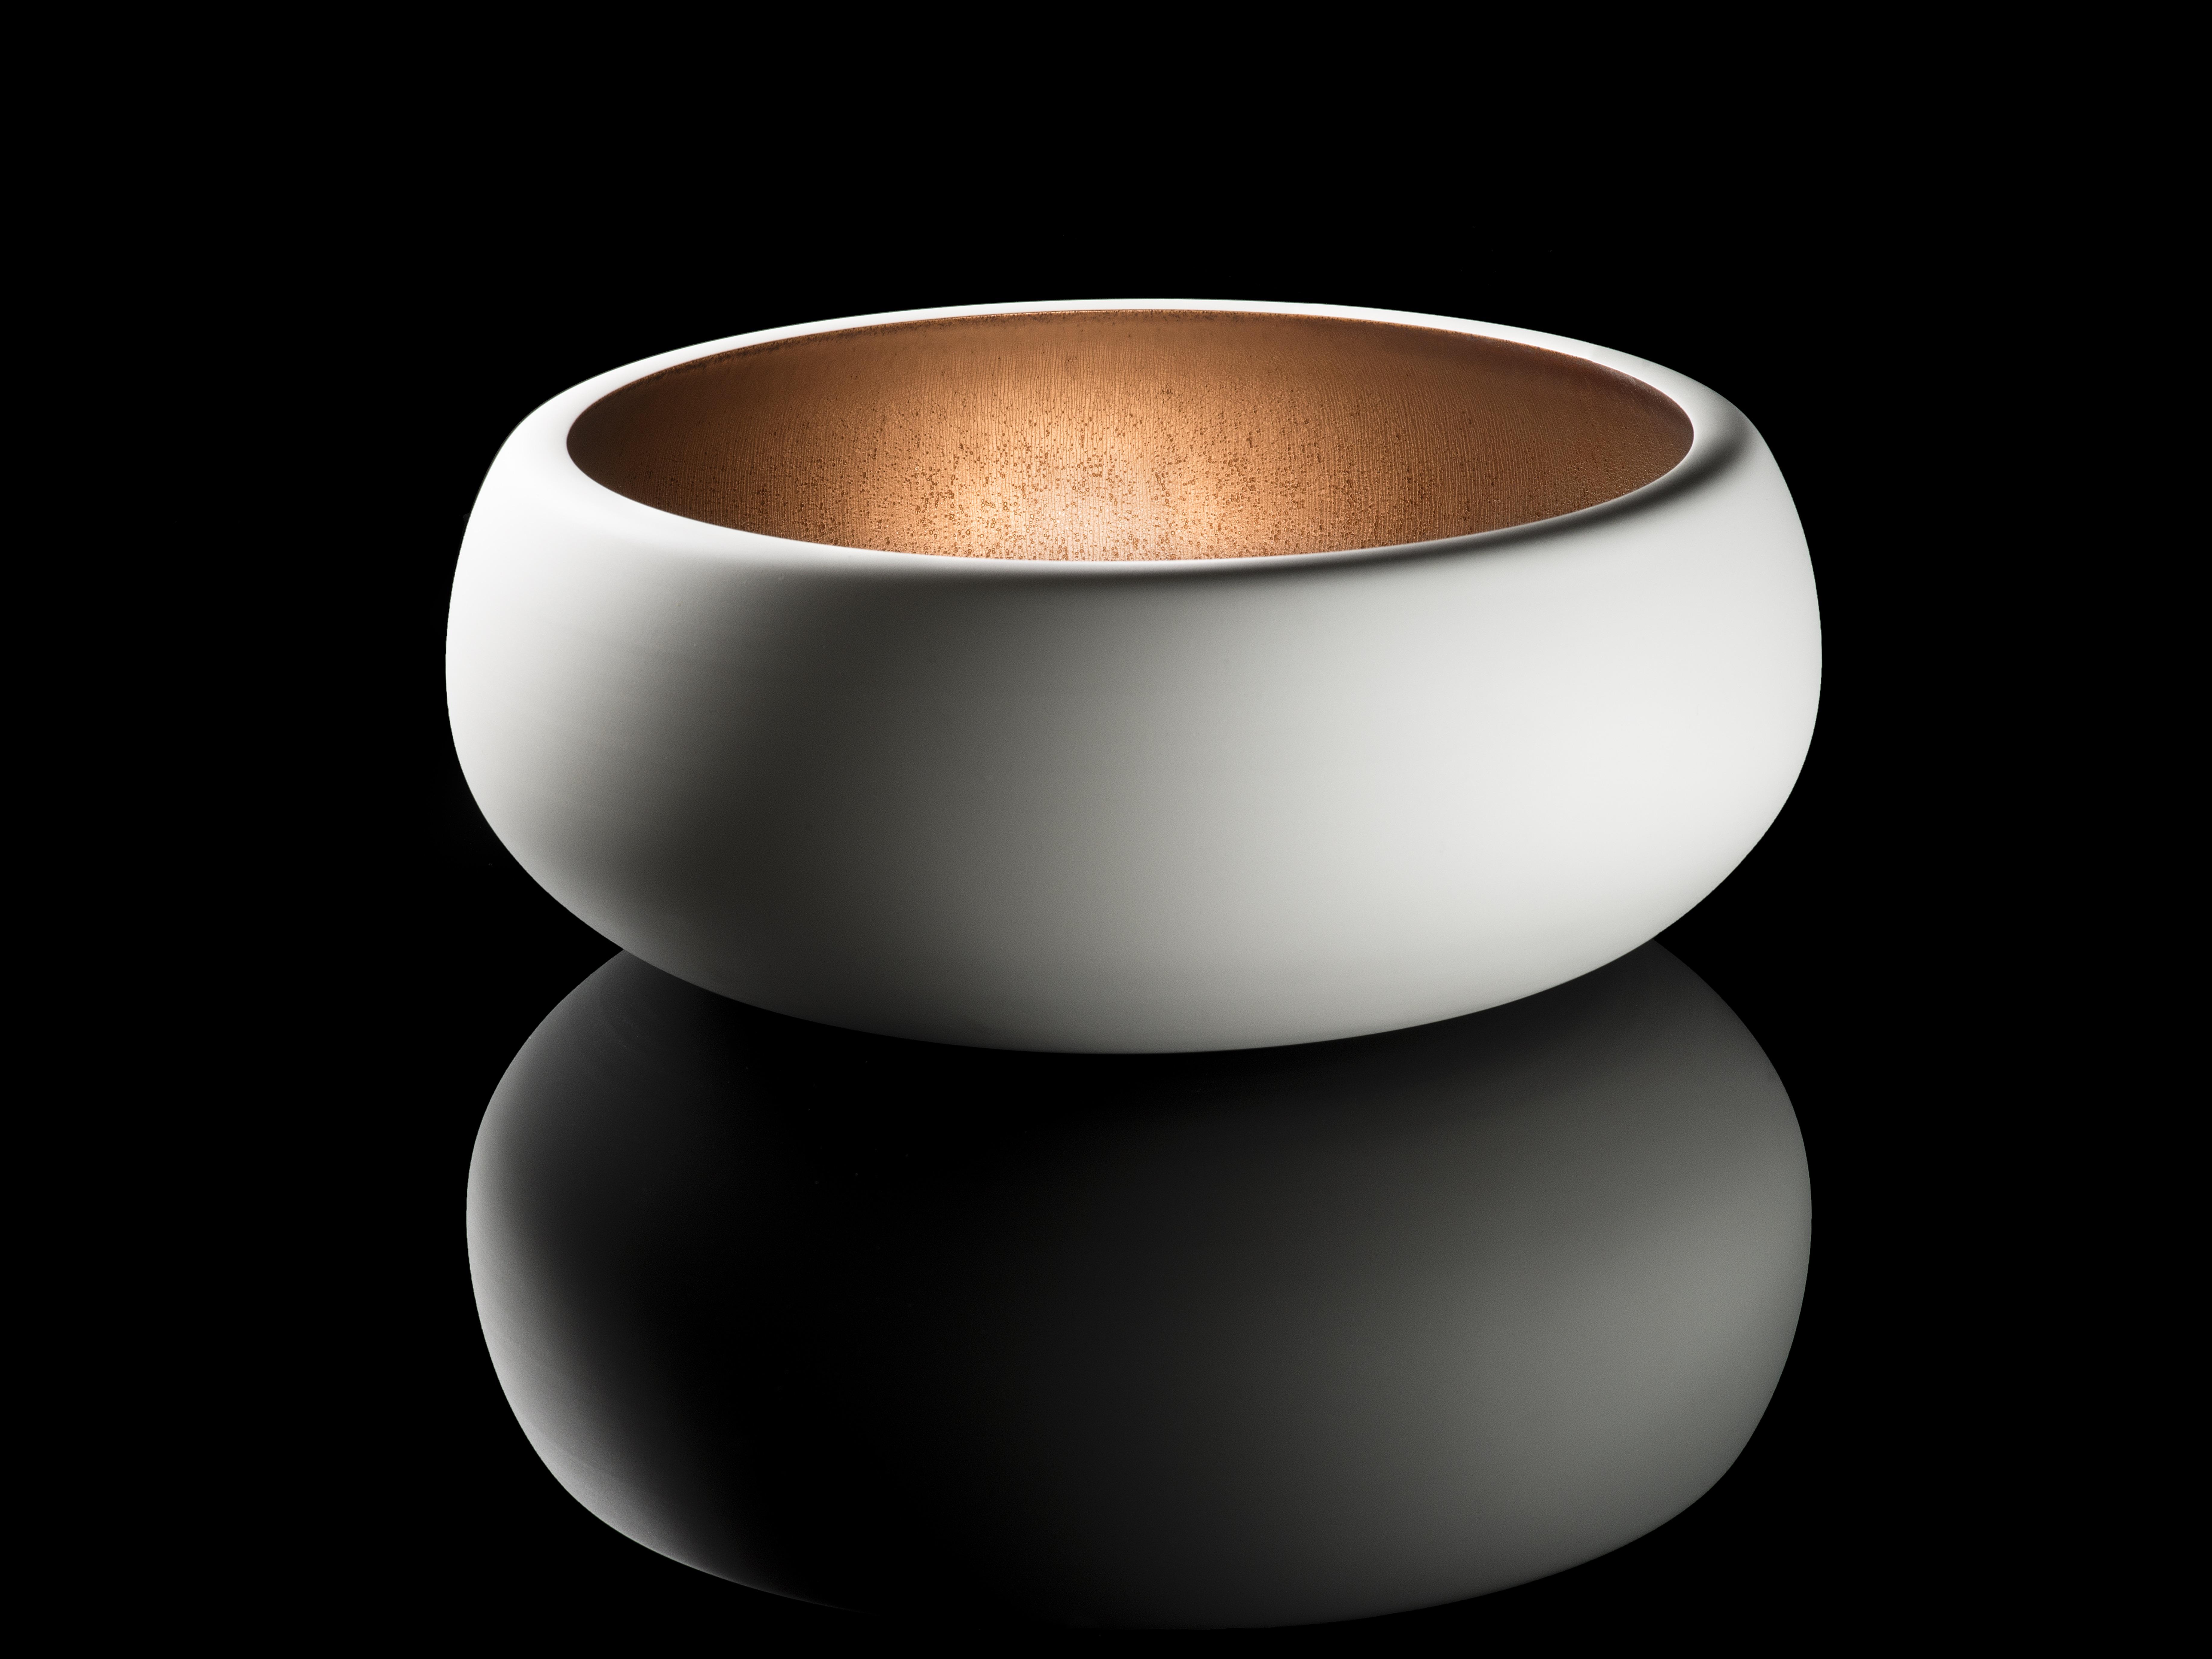 Ipek Kotan Ceramic Vessels Art Aurea